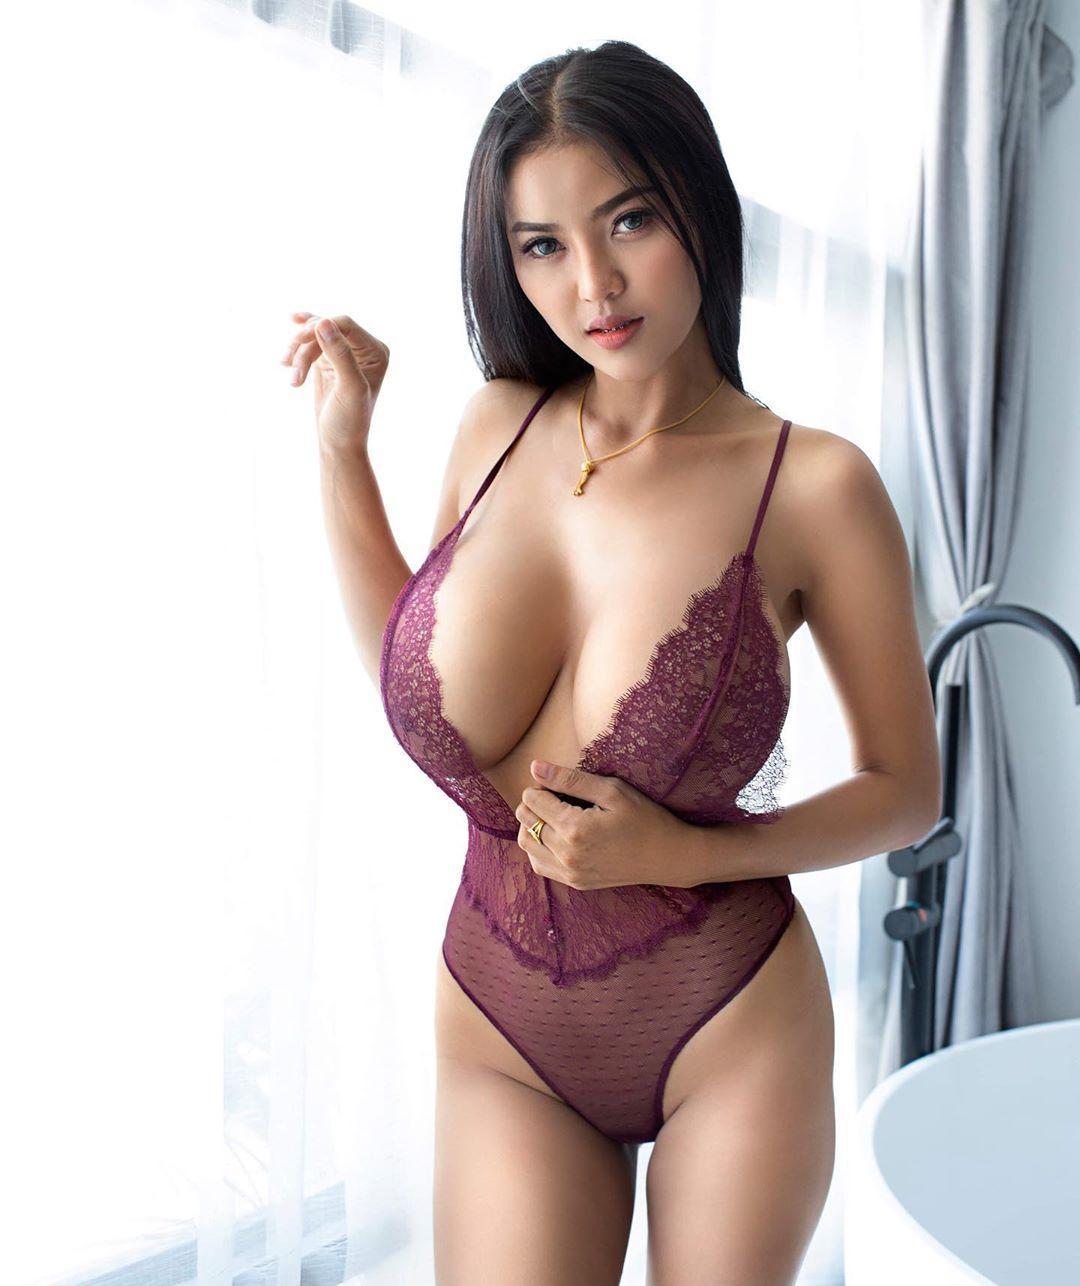 Faii-Orapun-Nude-Instagram-Model-Big-Tits-4